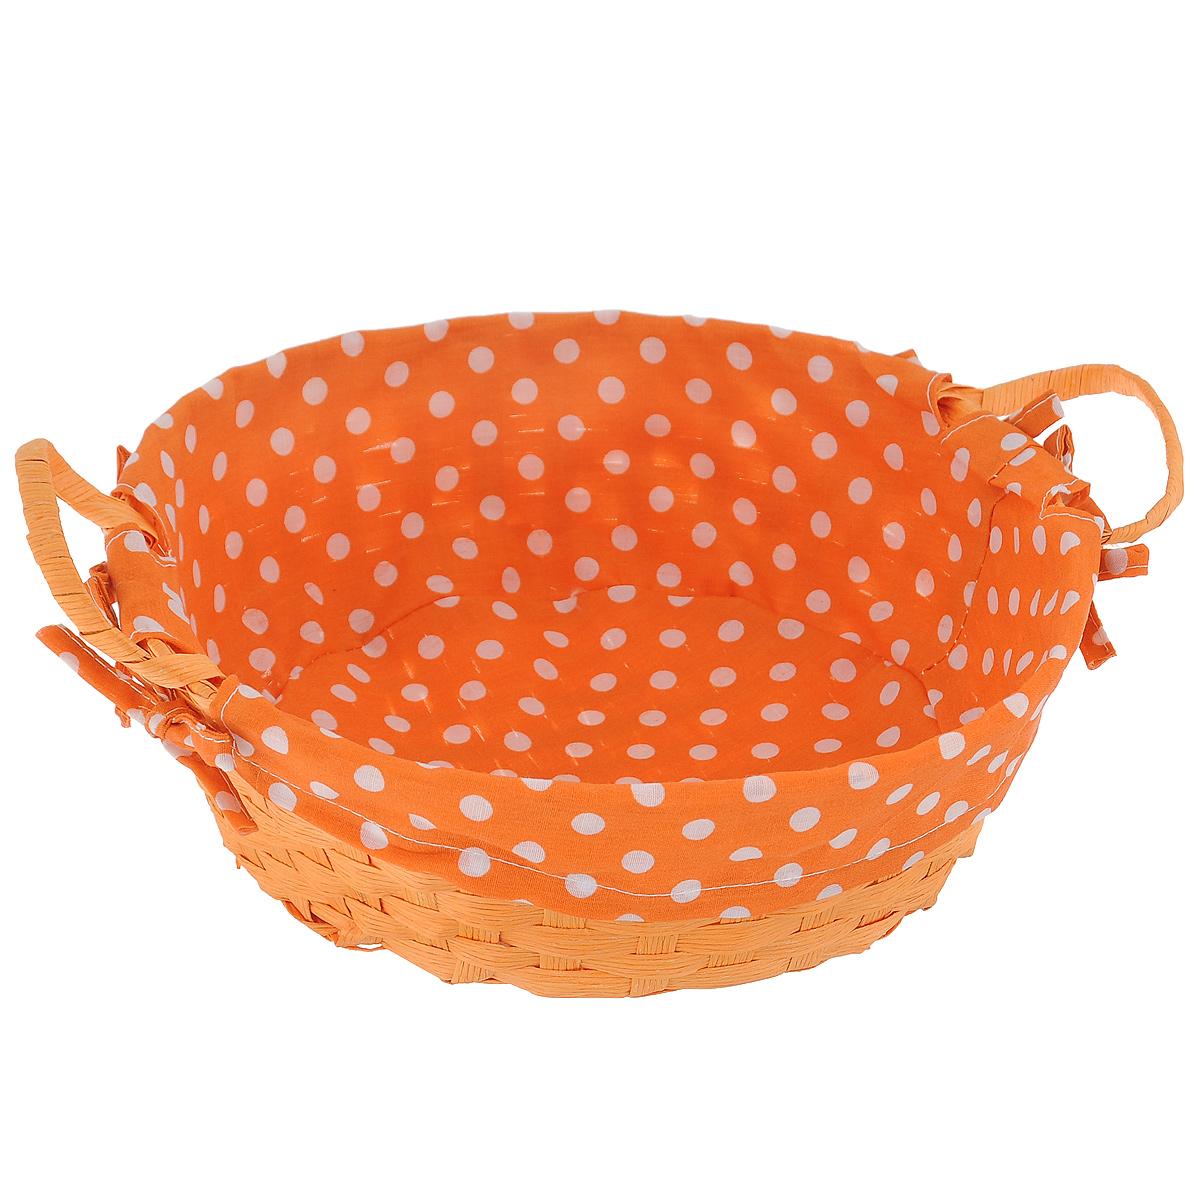 Лукошко декоративное Home Queen, цвет: оранжевый, диаметр 25 см57138_3Круглое декоративное лукошко Home Queen предназначено для хранения различных мелочей. Изделие изготовлено из окрашенной целлюлозы, а внутренняя поверхность обтянута подкладкой из хлопка. Лукошко оснащено двумя удобными плетеными ручками и декорировано четырьмя бантиками. Такое оригинальное лукошко станет ярким и необычным подарком или украшением интерьера. Высота лукошка: 8 см. Высота ручек: 5 см.